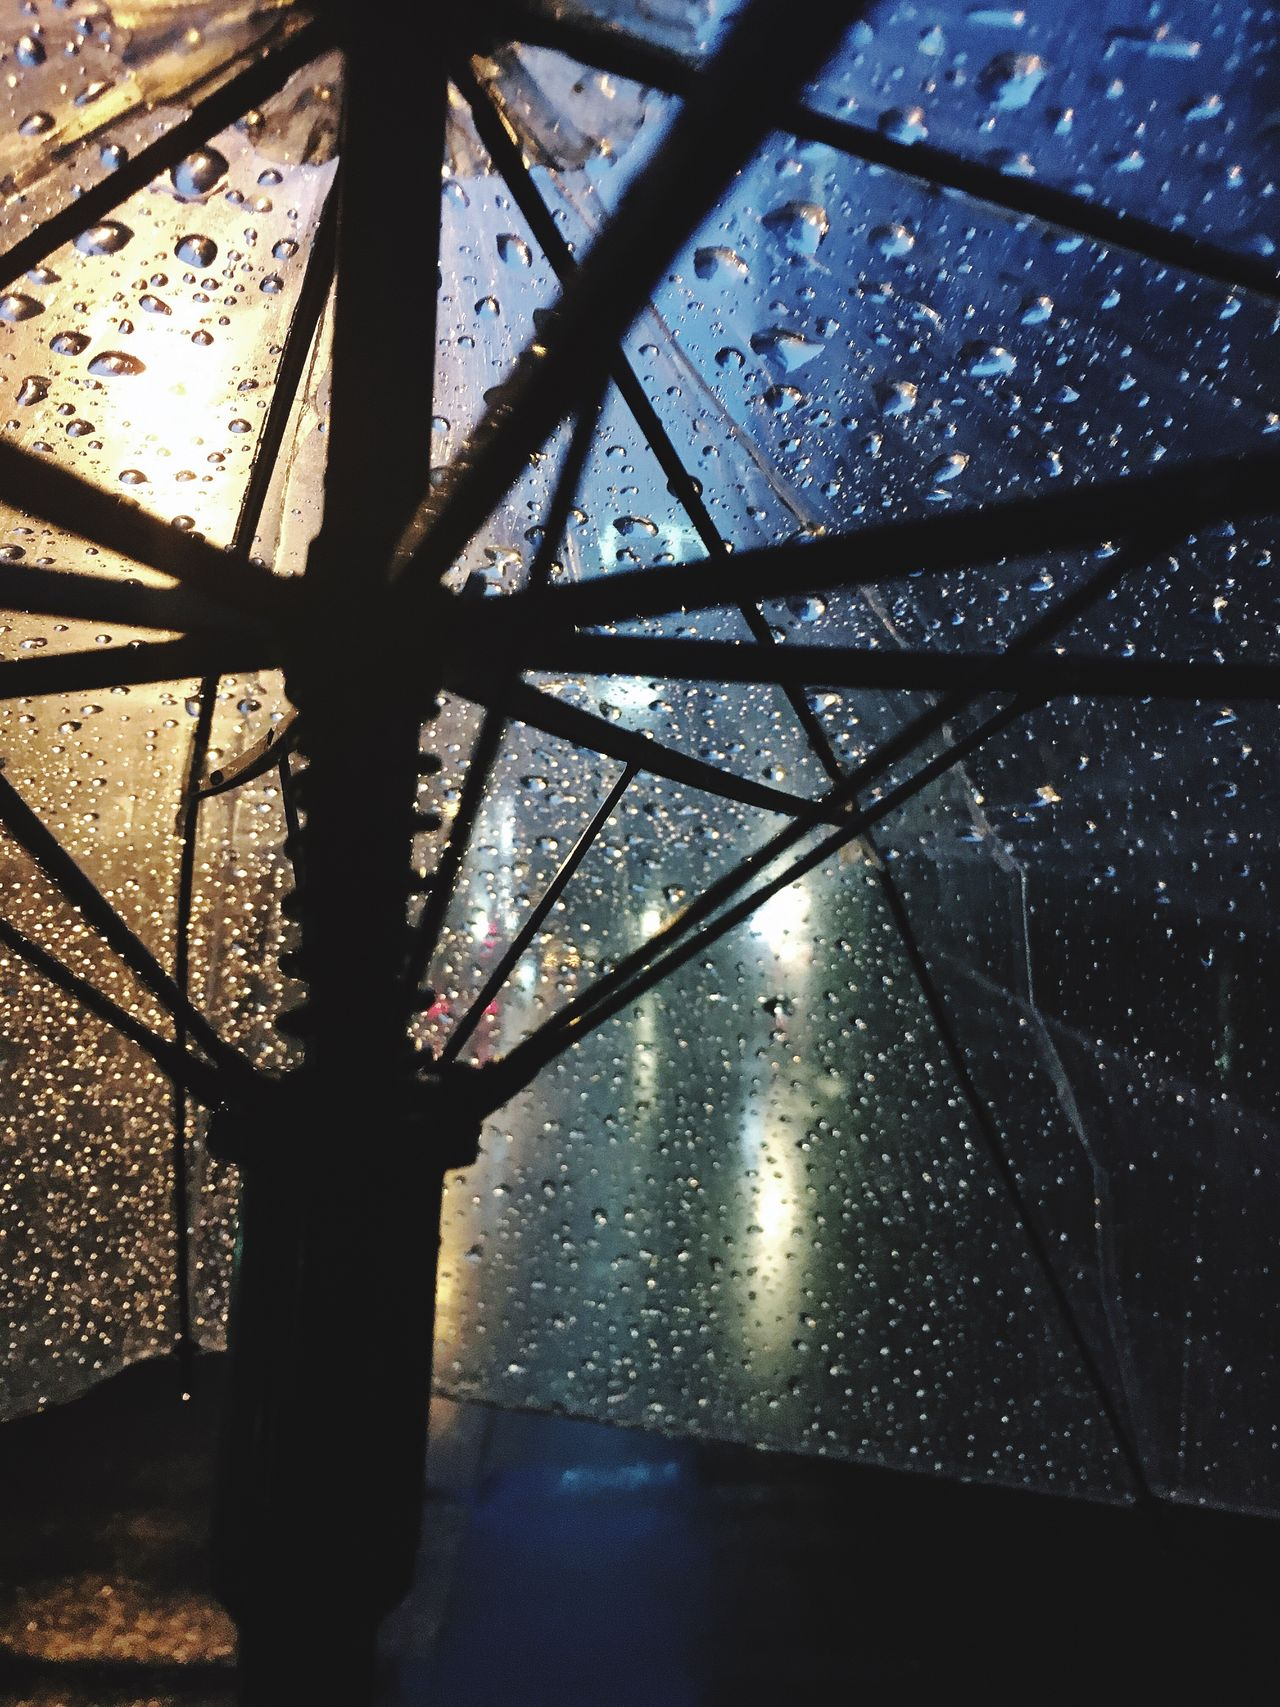 Water Drop Wet Street Umbrella Rain Drops